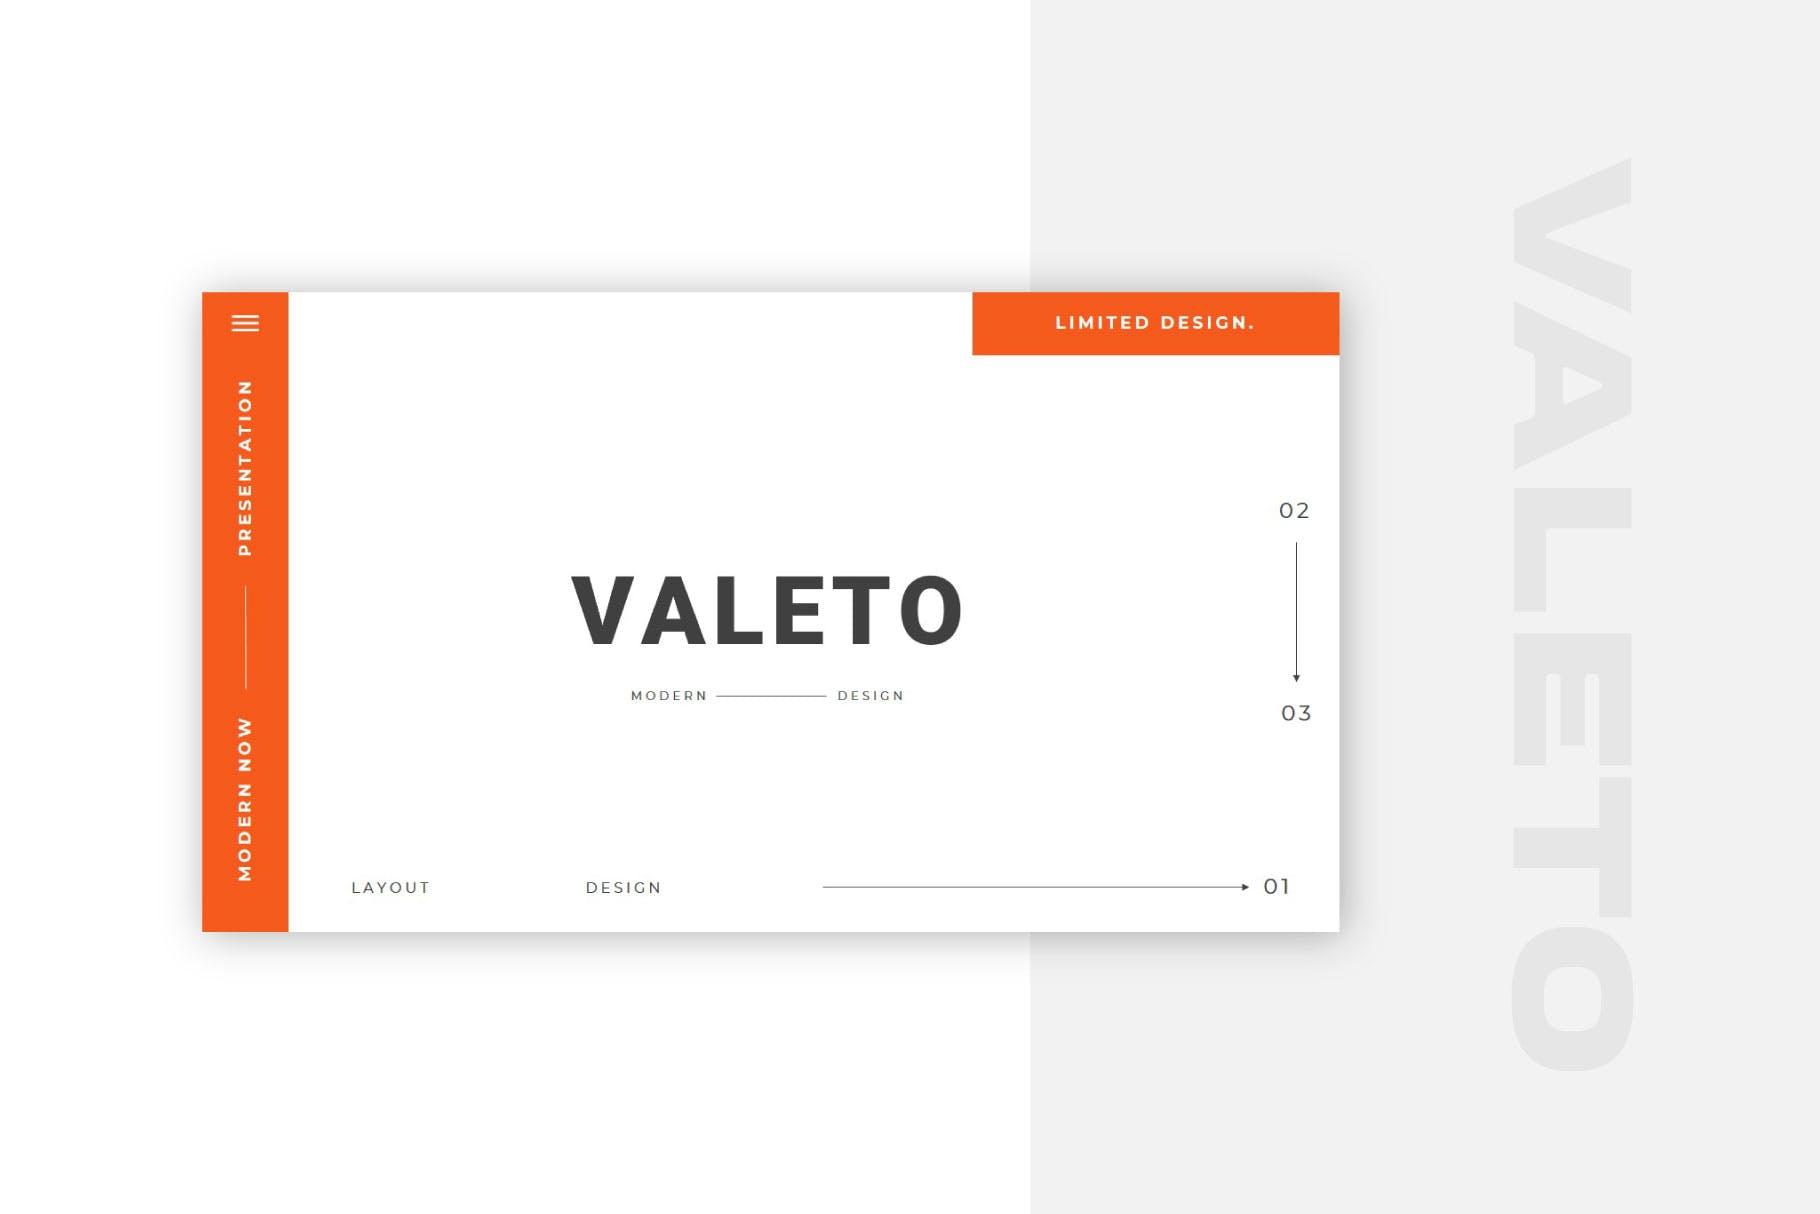 极简主义企业营销策划演示文稿设计模板 Valeto Powerpoint Template插图1